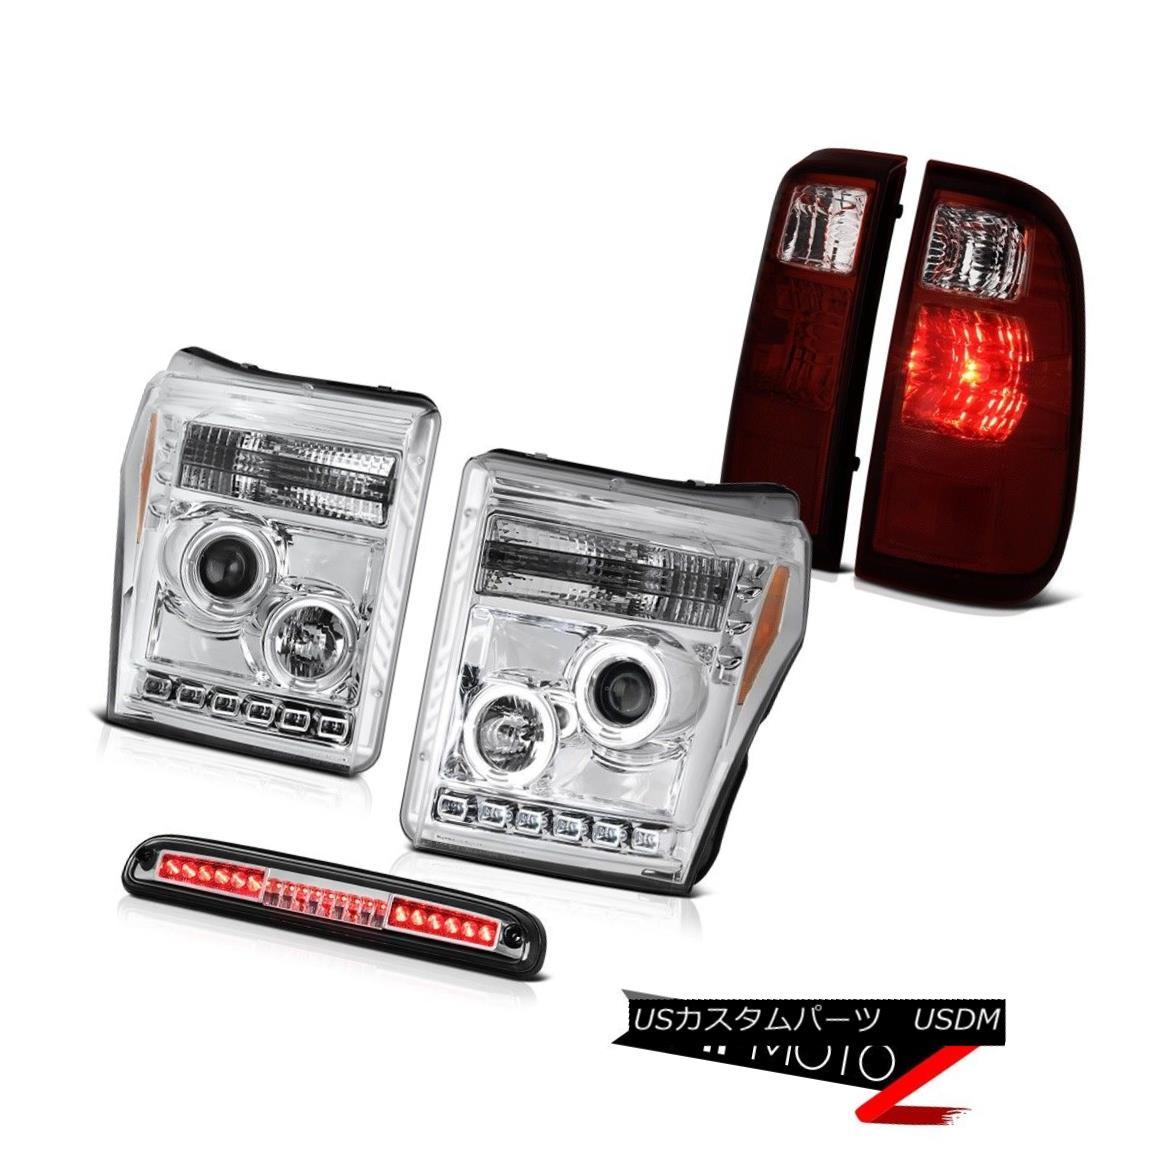 テールライト 11-16 F250 6.2L Chrome Third Brake Light Burgundy Red Parking Lights Headlights 11-16 F250 6.2Lクロームサードブレーキライトブルゴーニュレッドパーキングライトヘッドライト